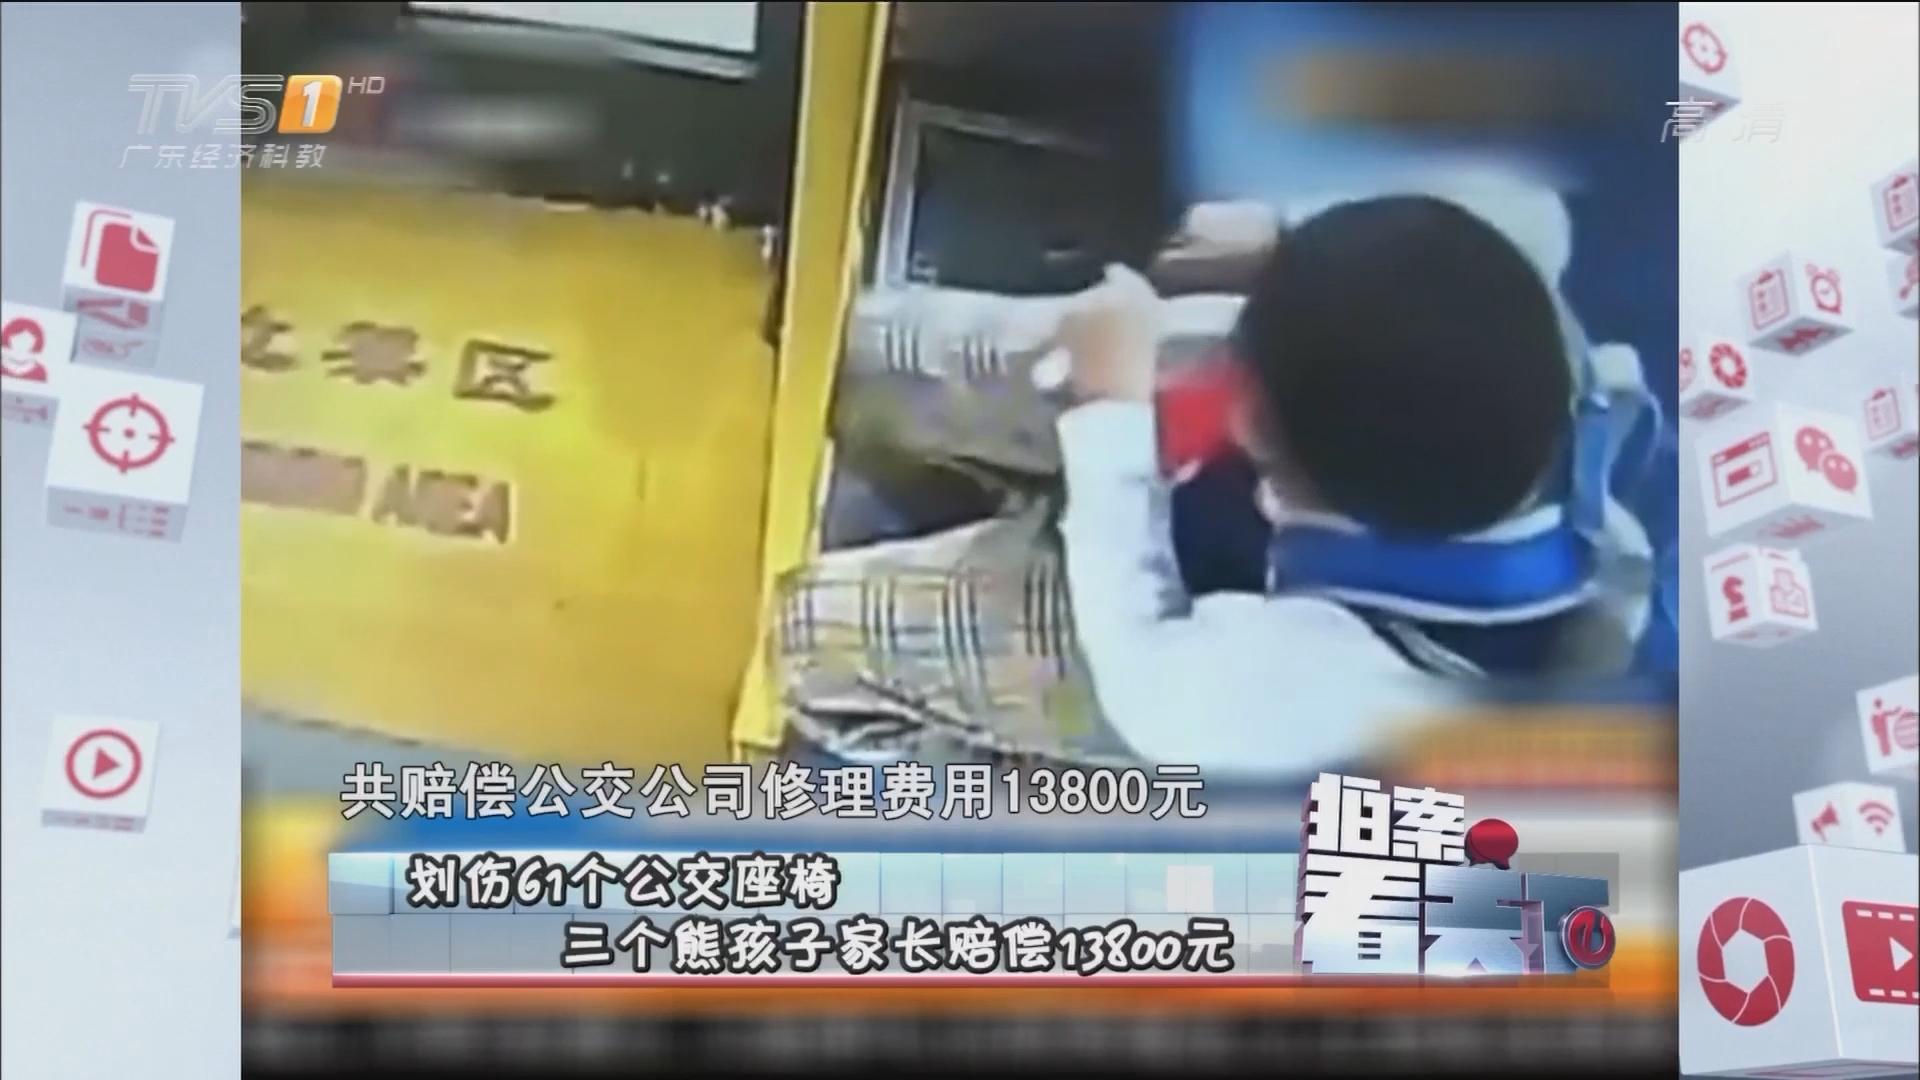 划伤61个公交座椅 三个熊孩子家长赔偿13800元